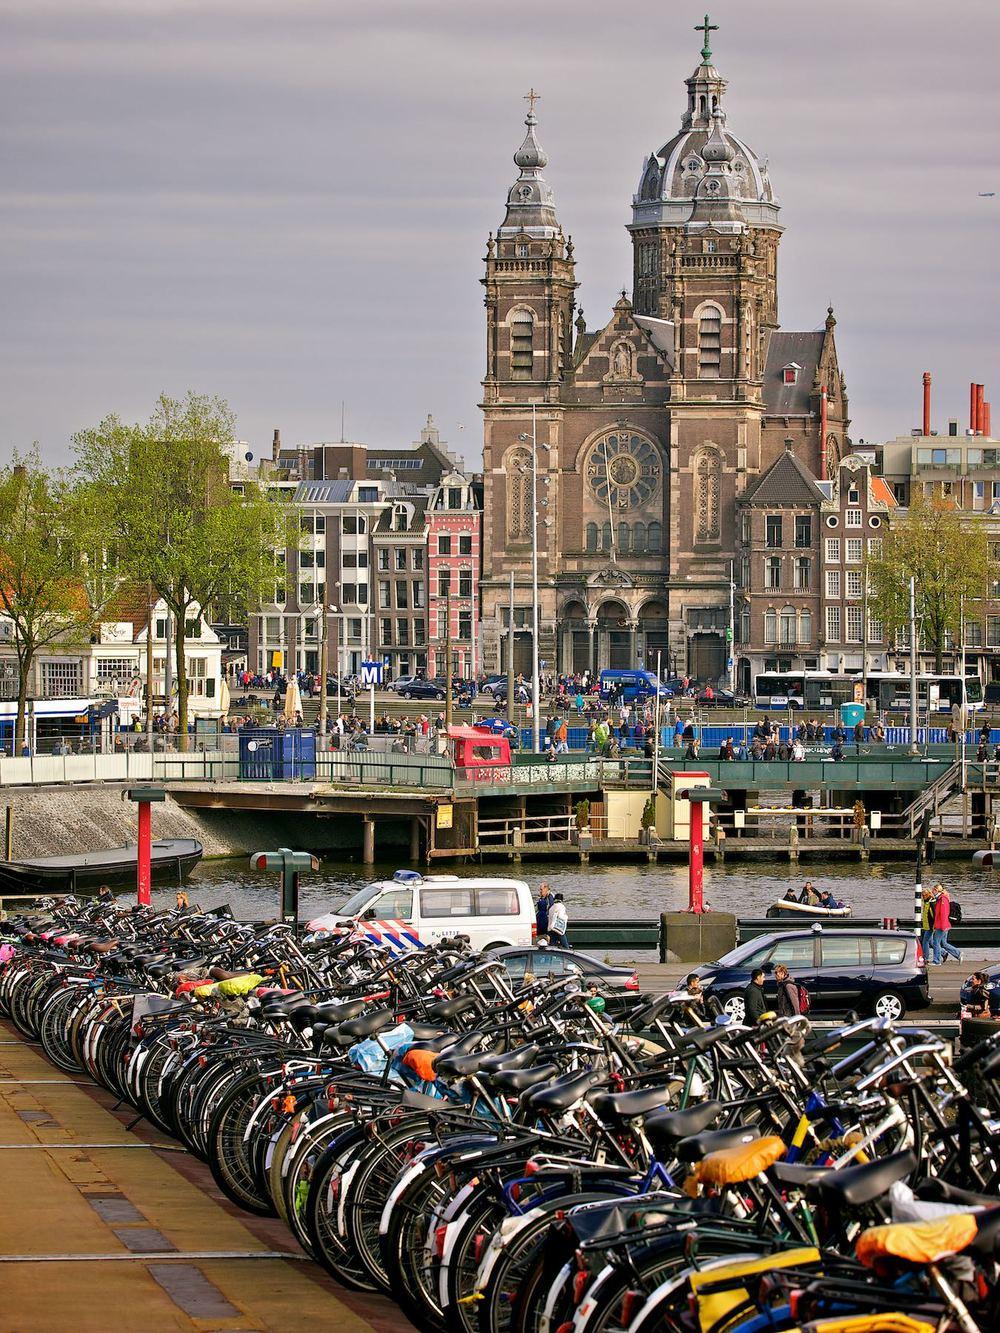 Bikes and Bikes